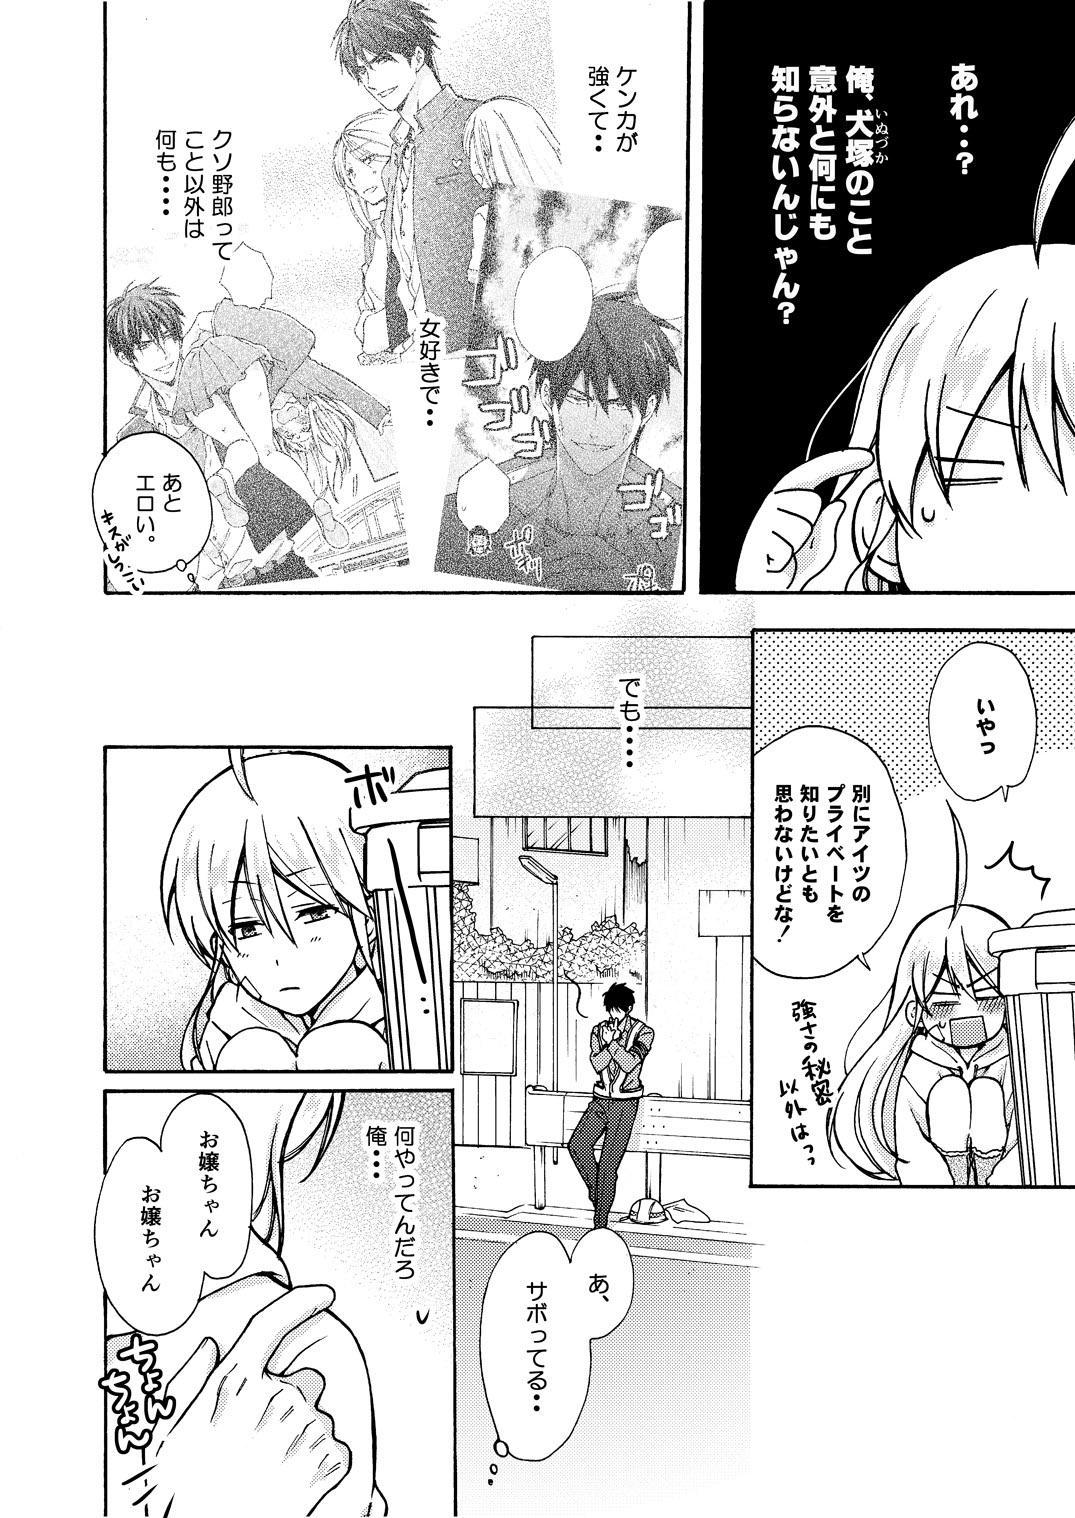 Nyotaika Yankee Gakuen ☆ Ore no Hajimete, Nerawaretemasu. 9 10